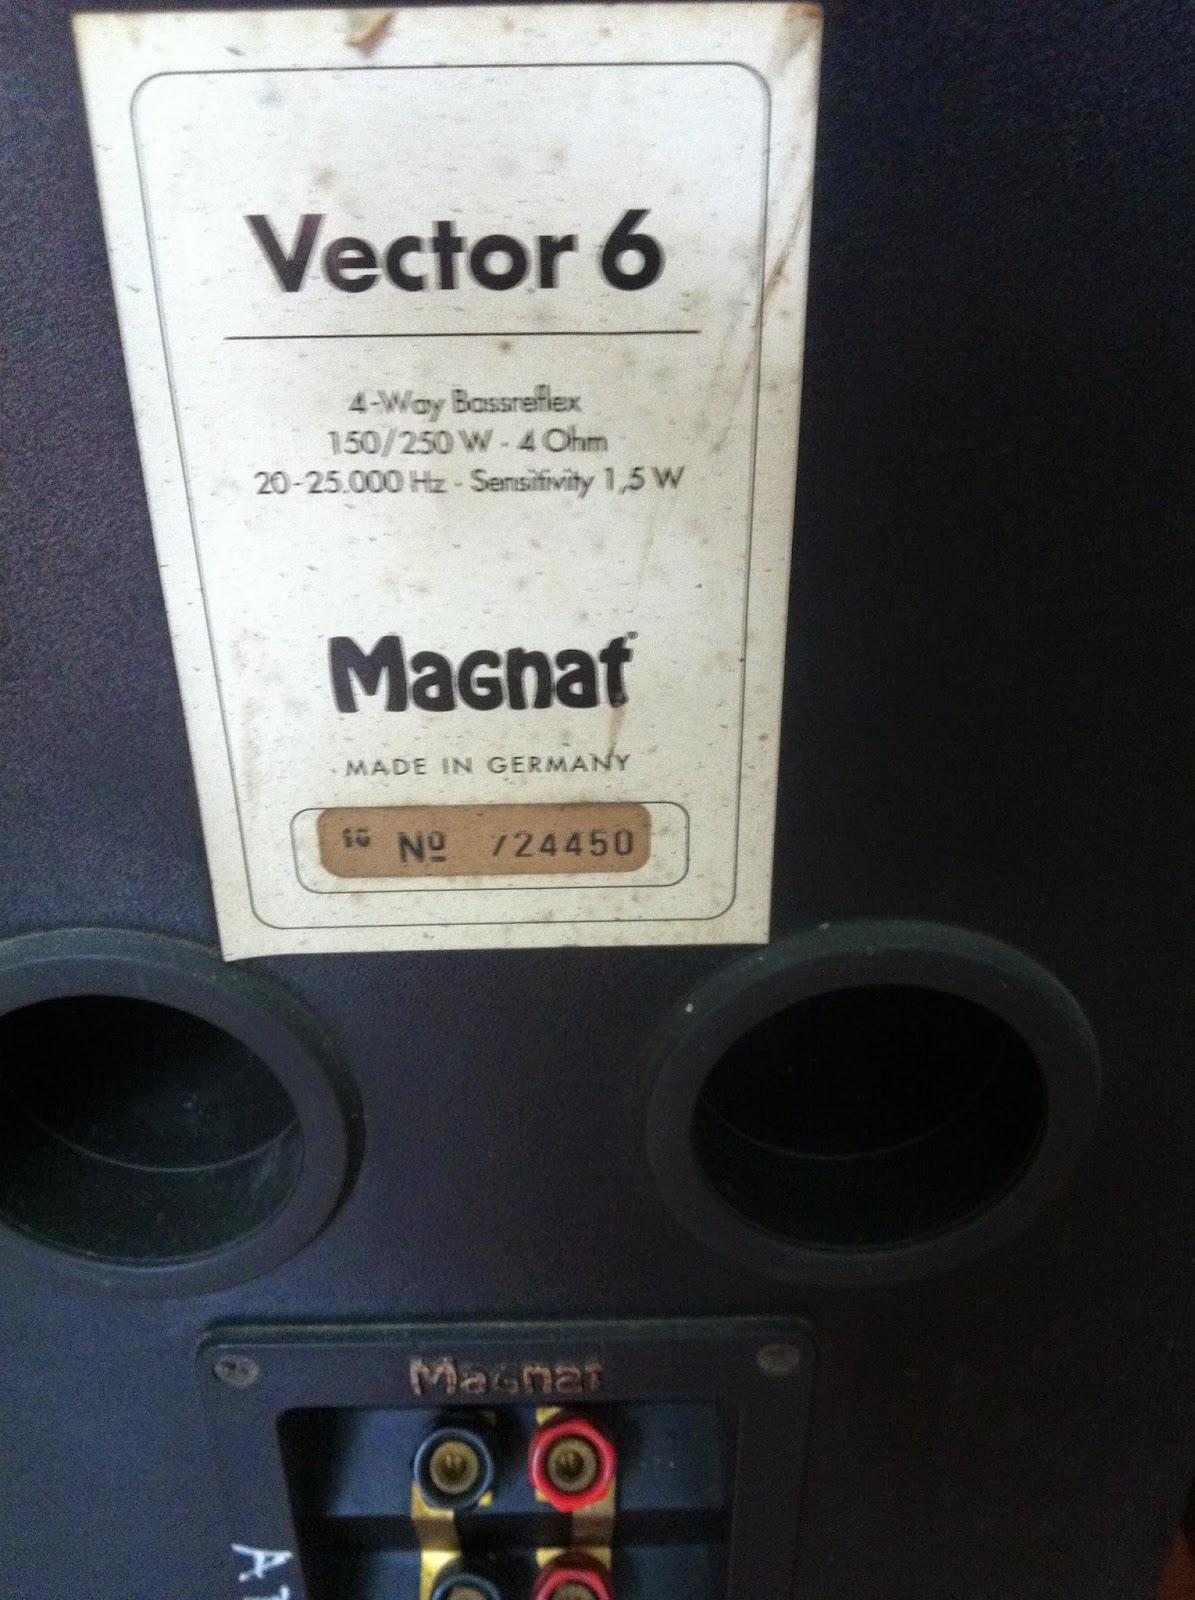 Logo và cầu loa Magnat - Vector 6